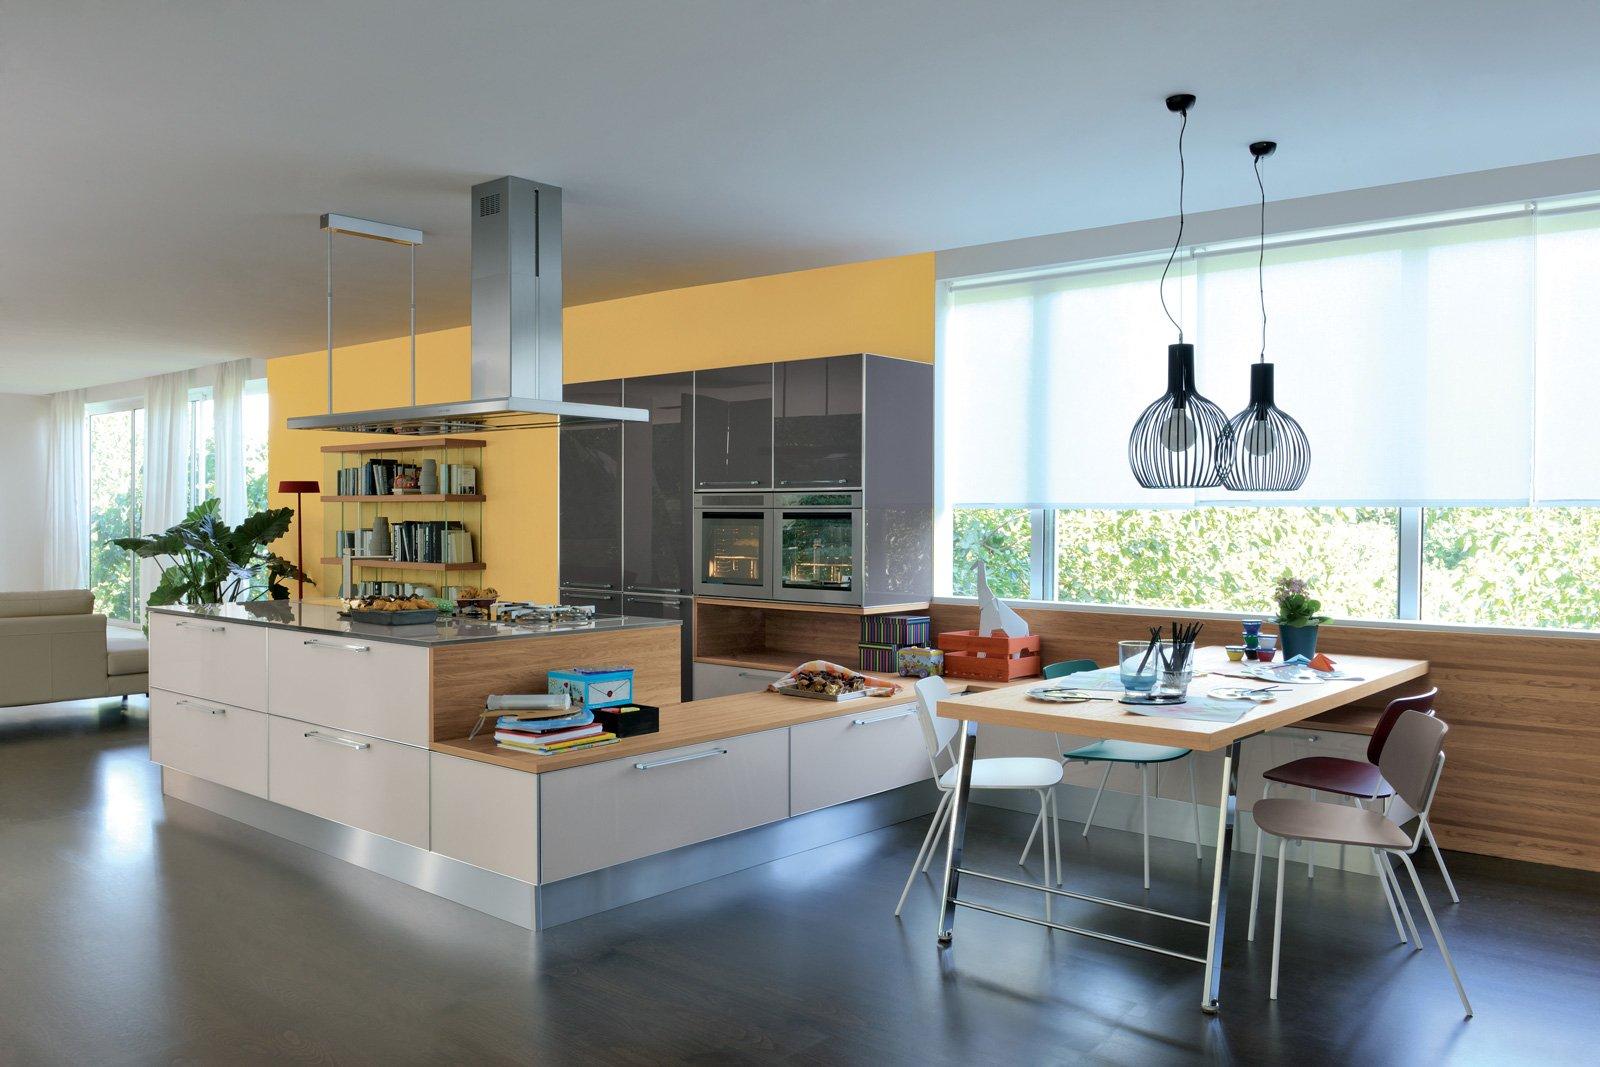 Arredamento cucine piccole cose di casa - Piccole cucine con isola ...